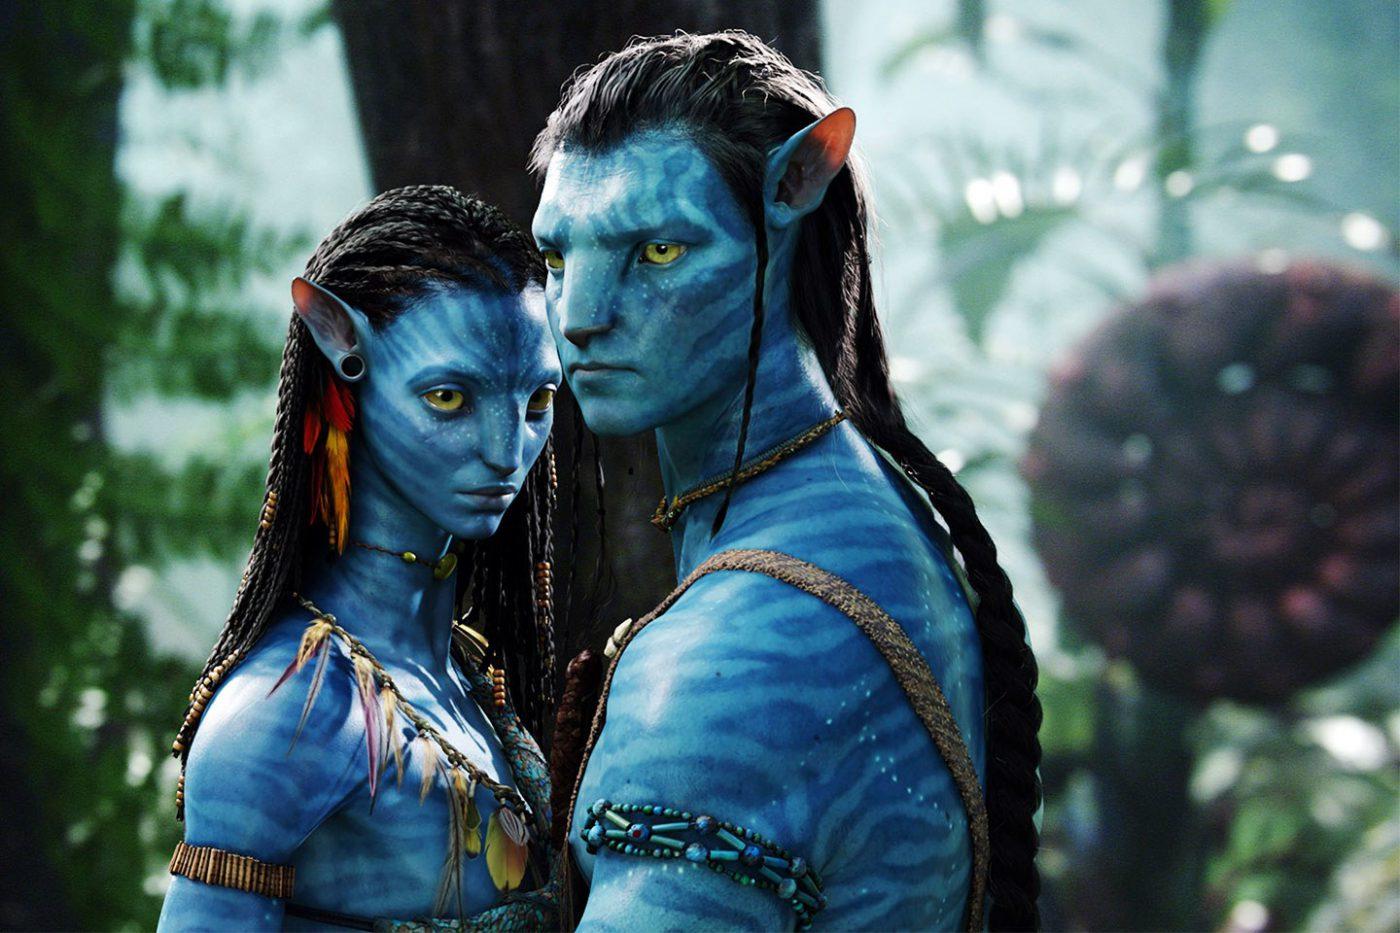 De nouveaux détails sur Avatar 2 ont été livrés pas Jon Landau